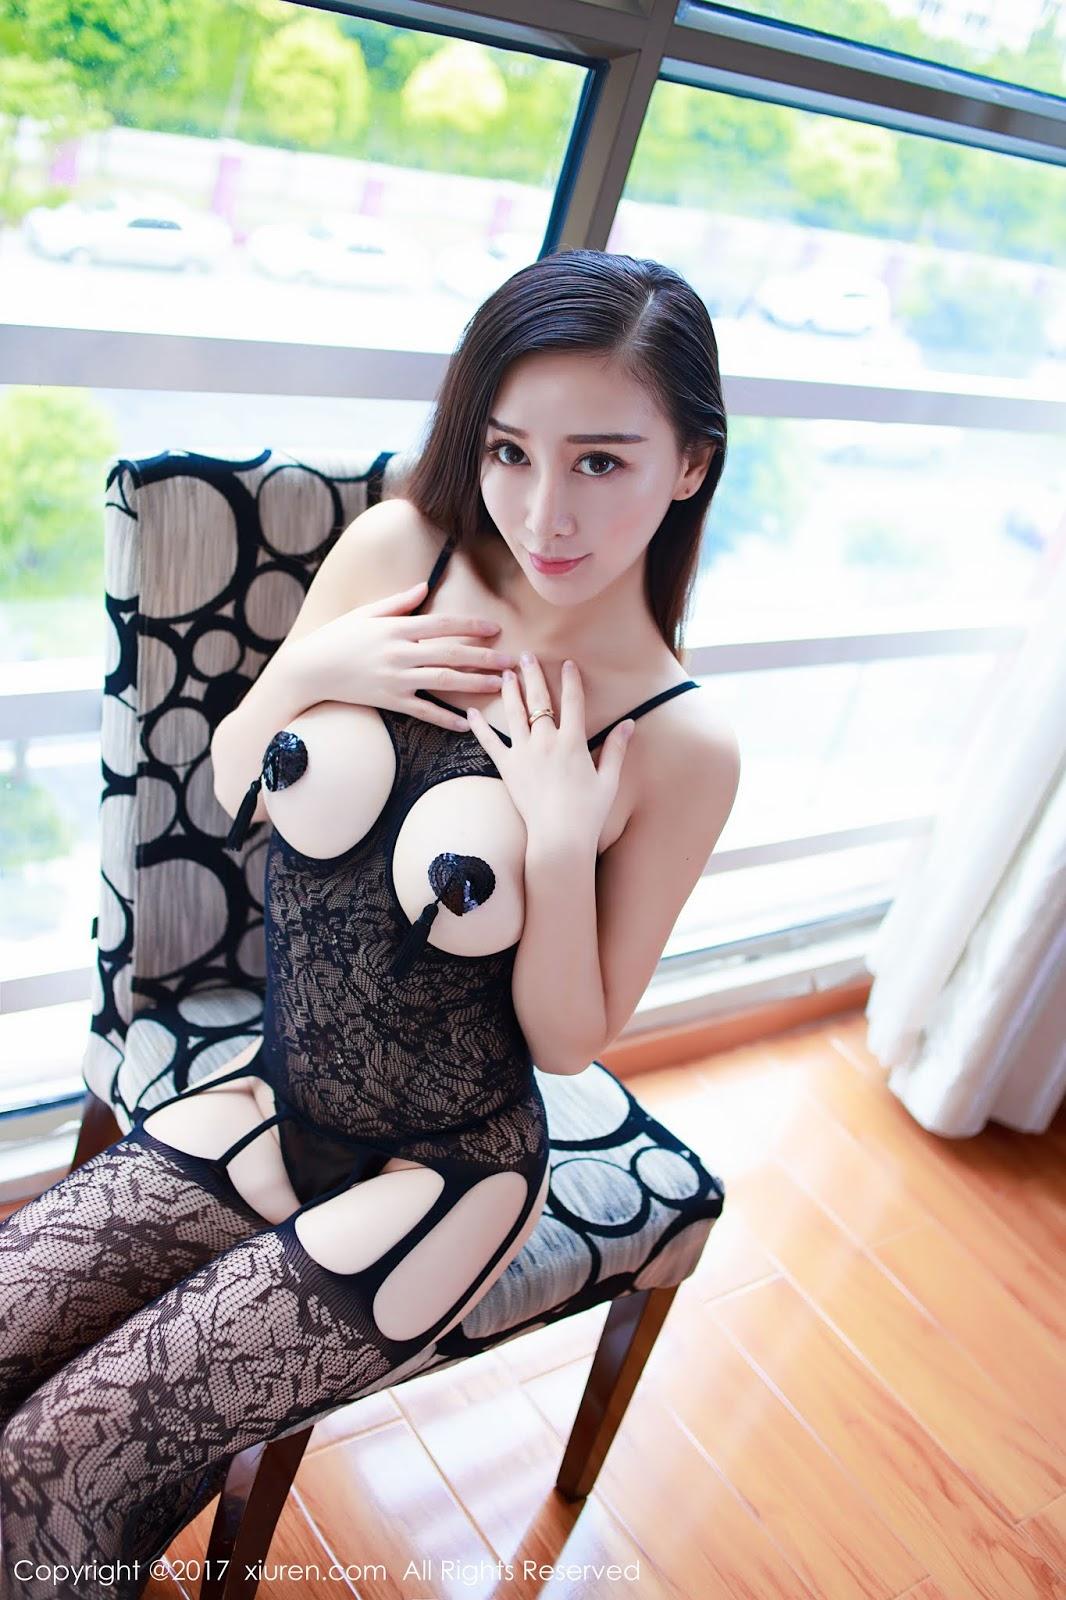 Asiaa.online Model No.144 - 邹晶晶女王 (Zou Jing Jing Nou Wang)